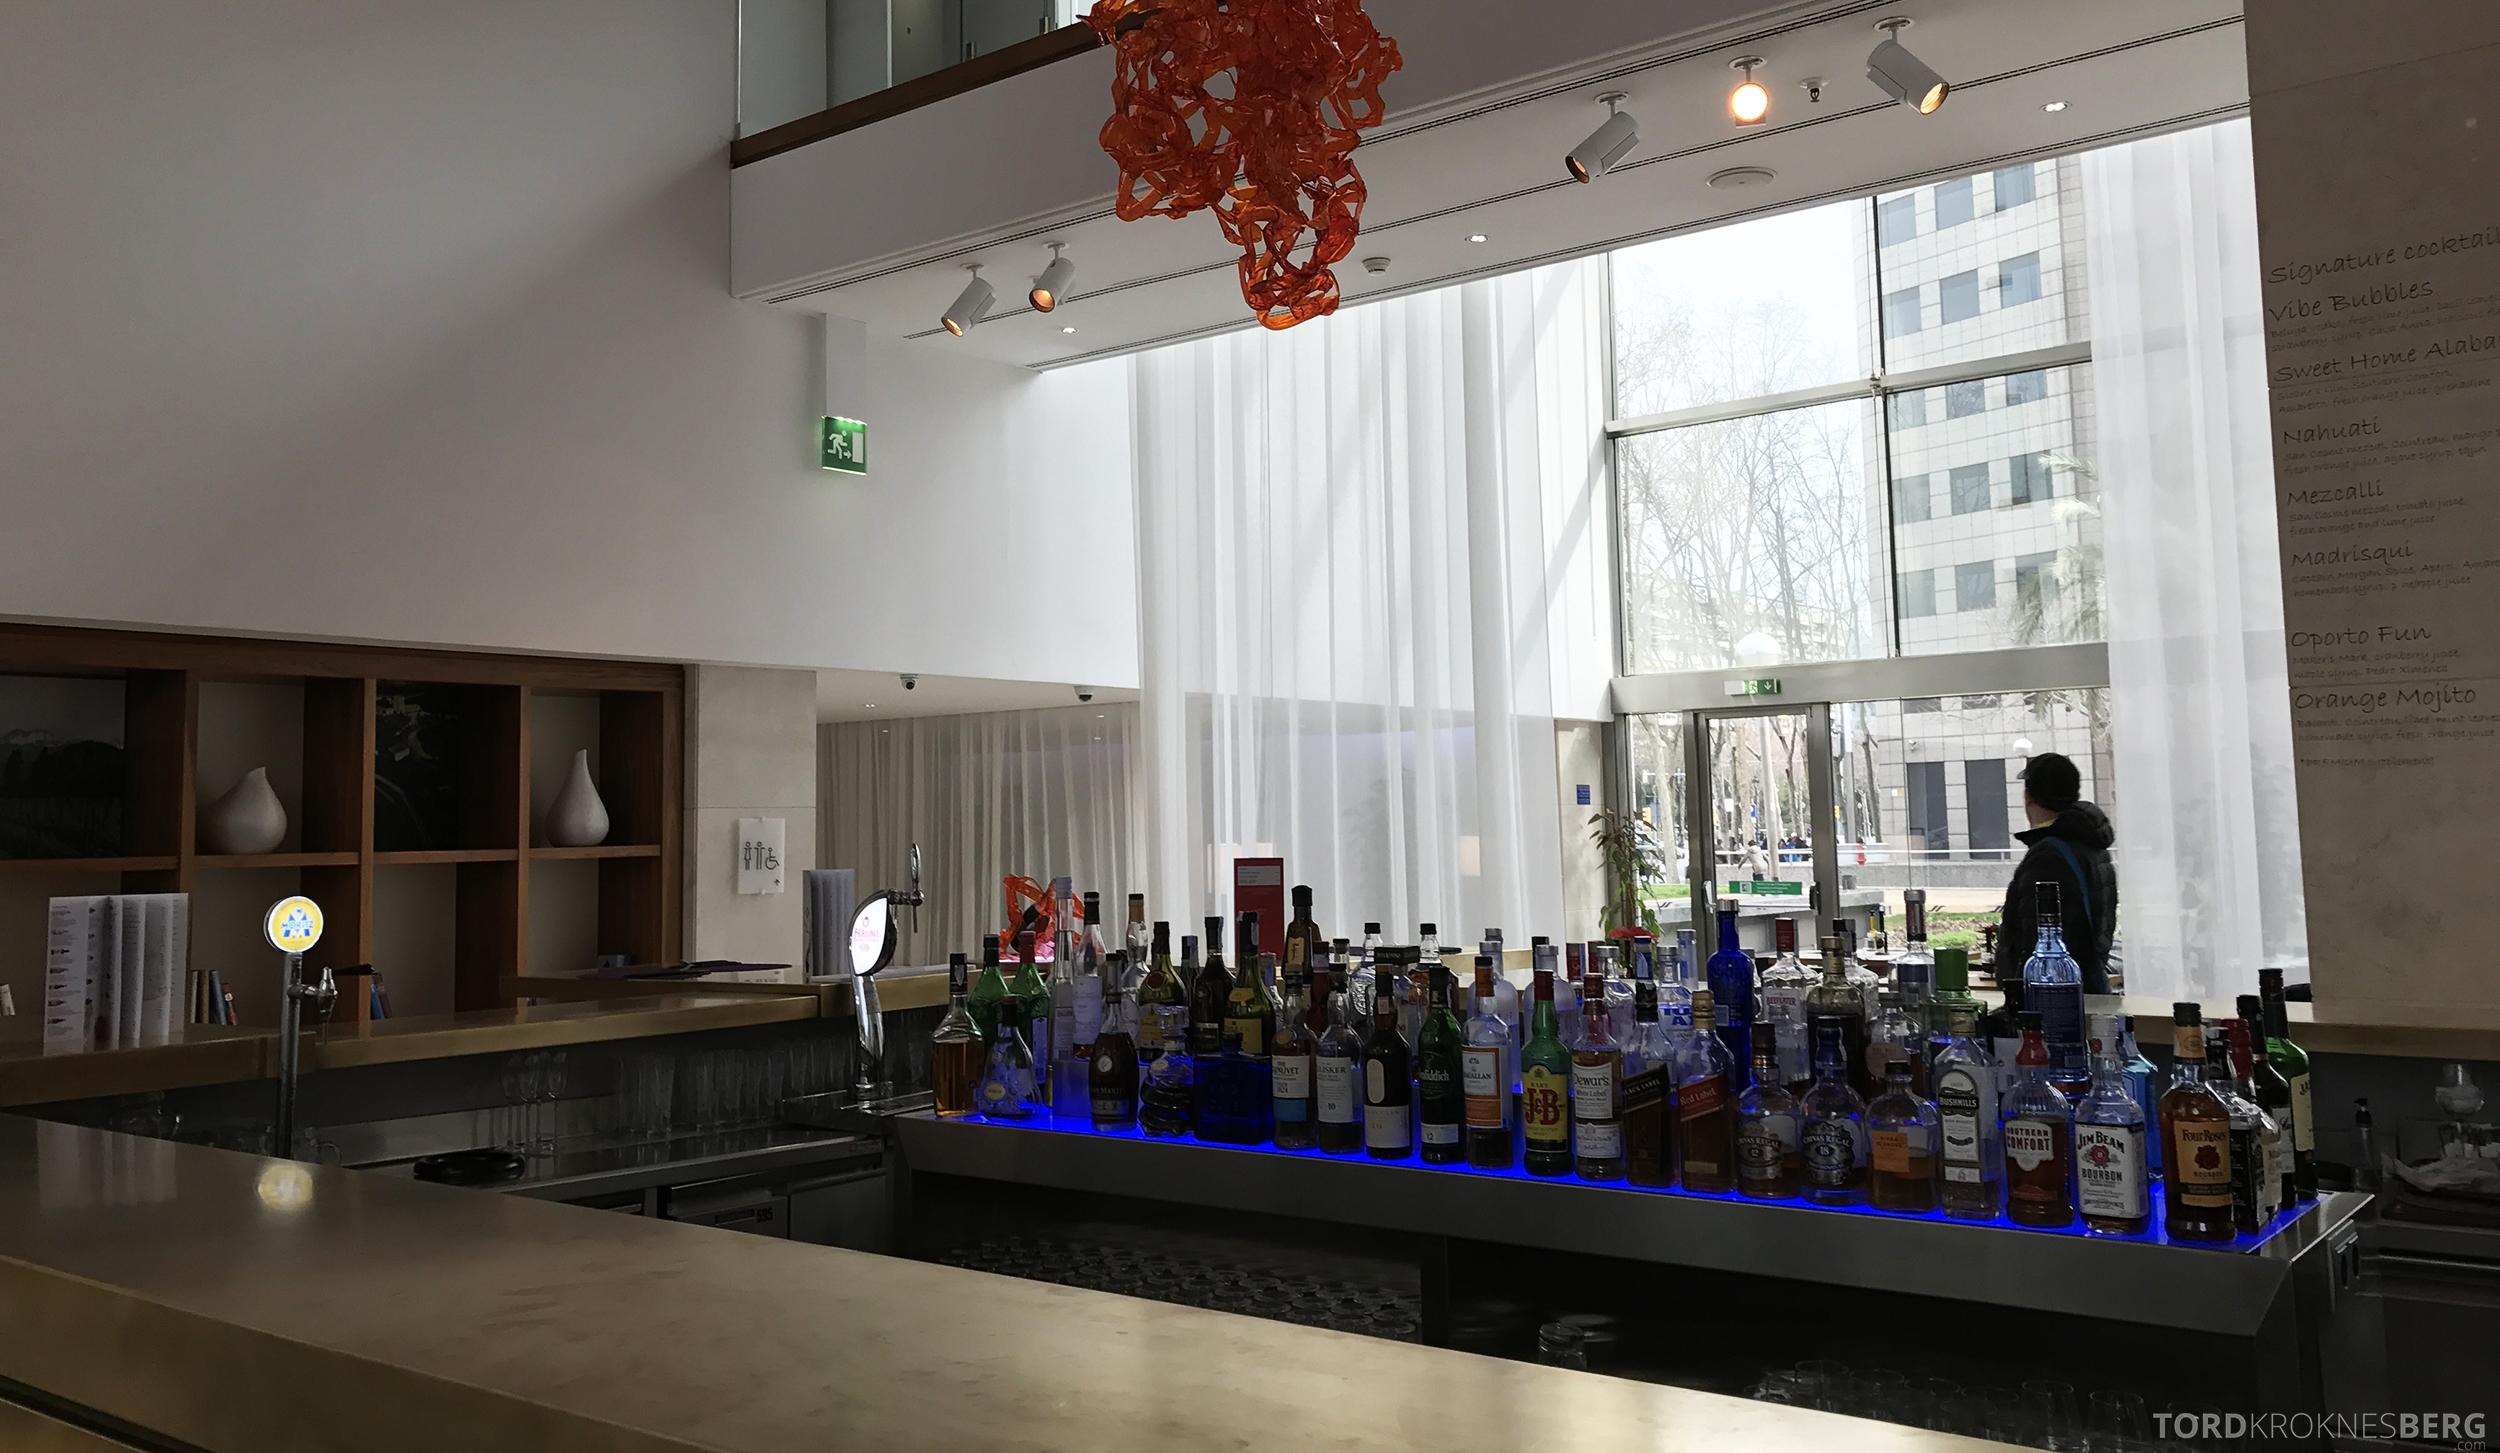 Hilton Barcelona bar